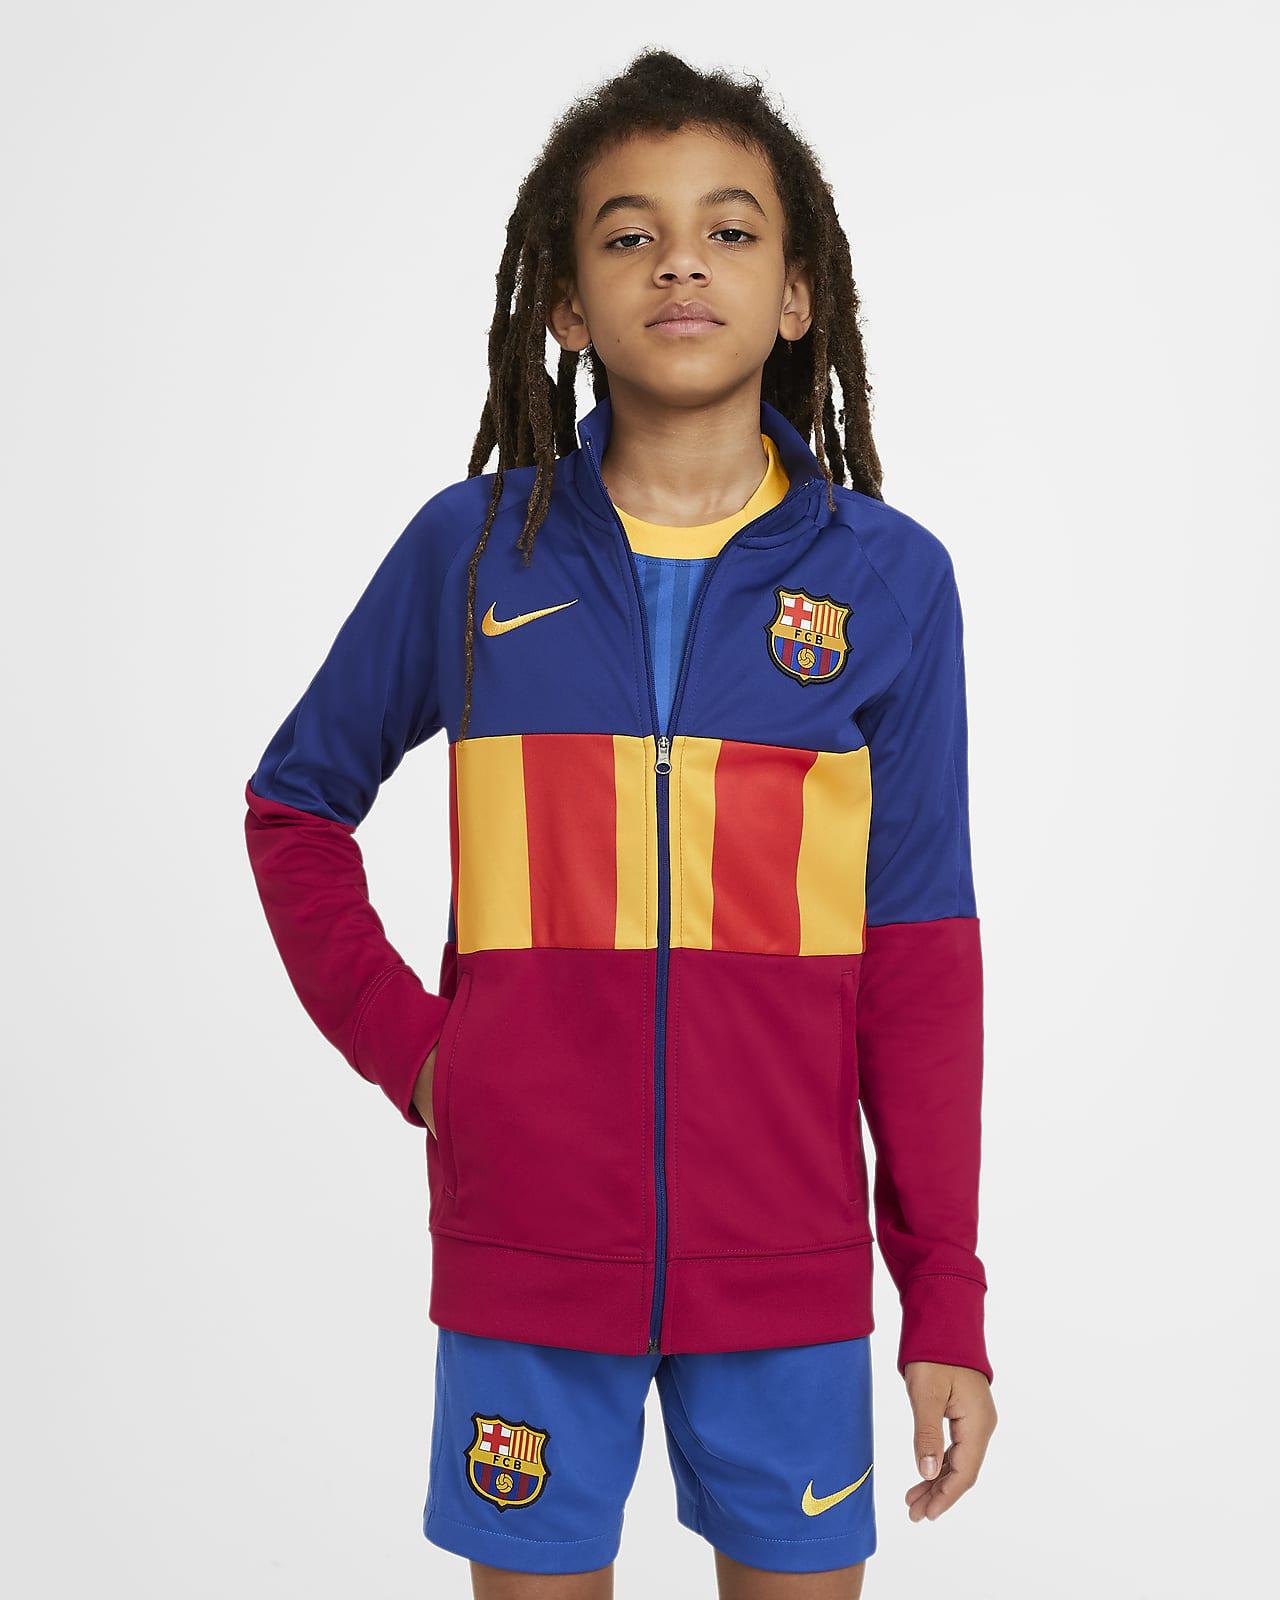 F.C. Barcelona Anthem Older Kids' Football Tracksuit Jacket